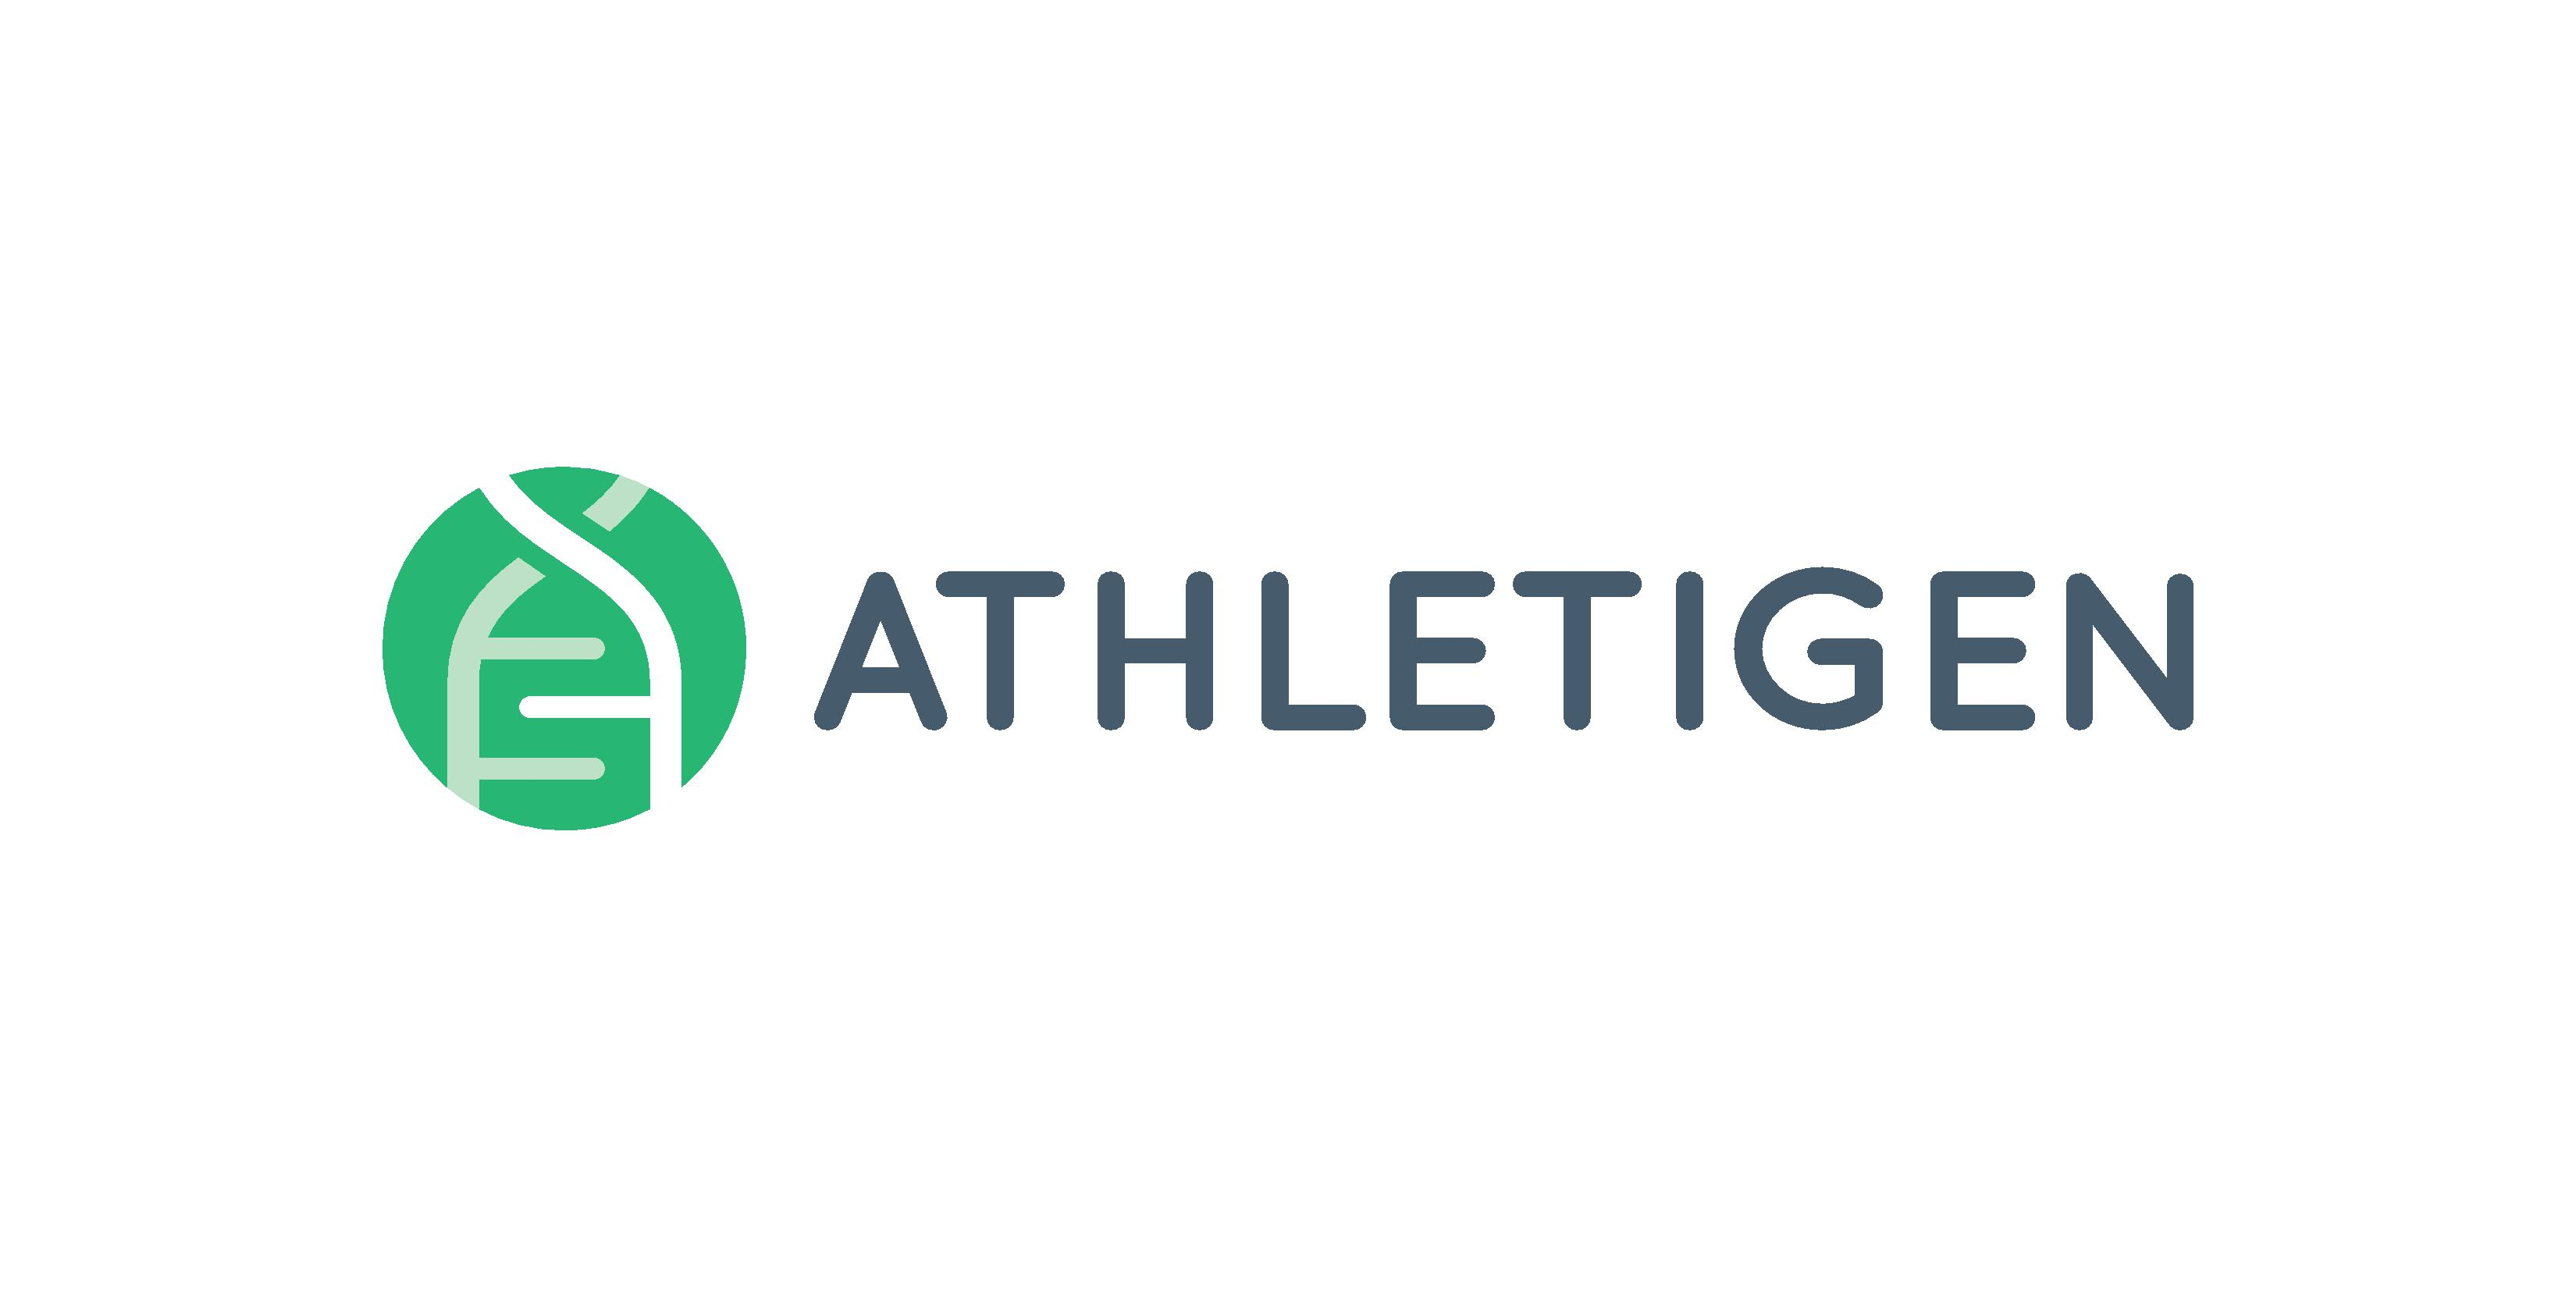 athletigen